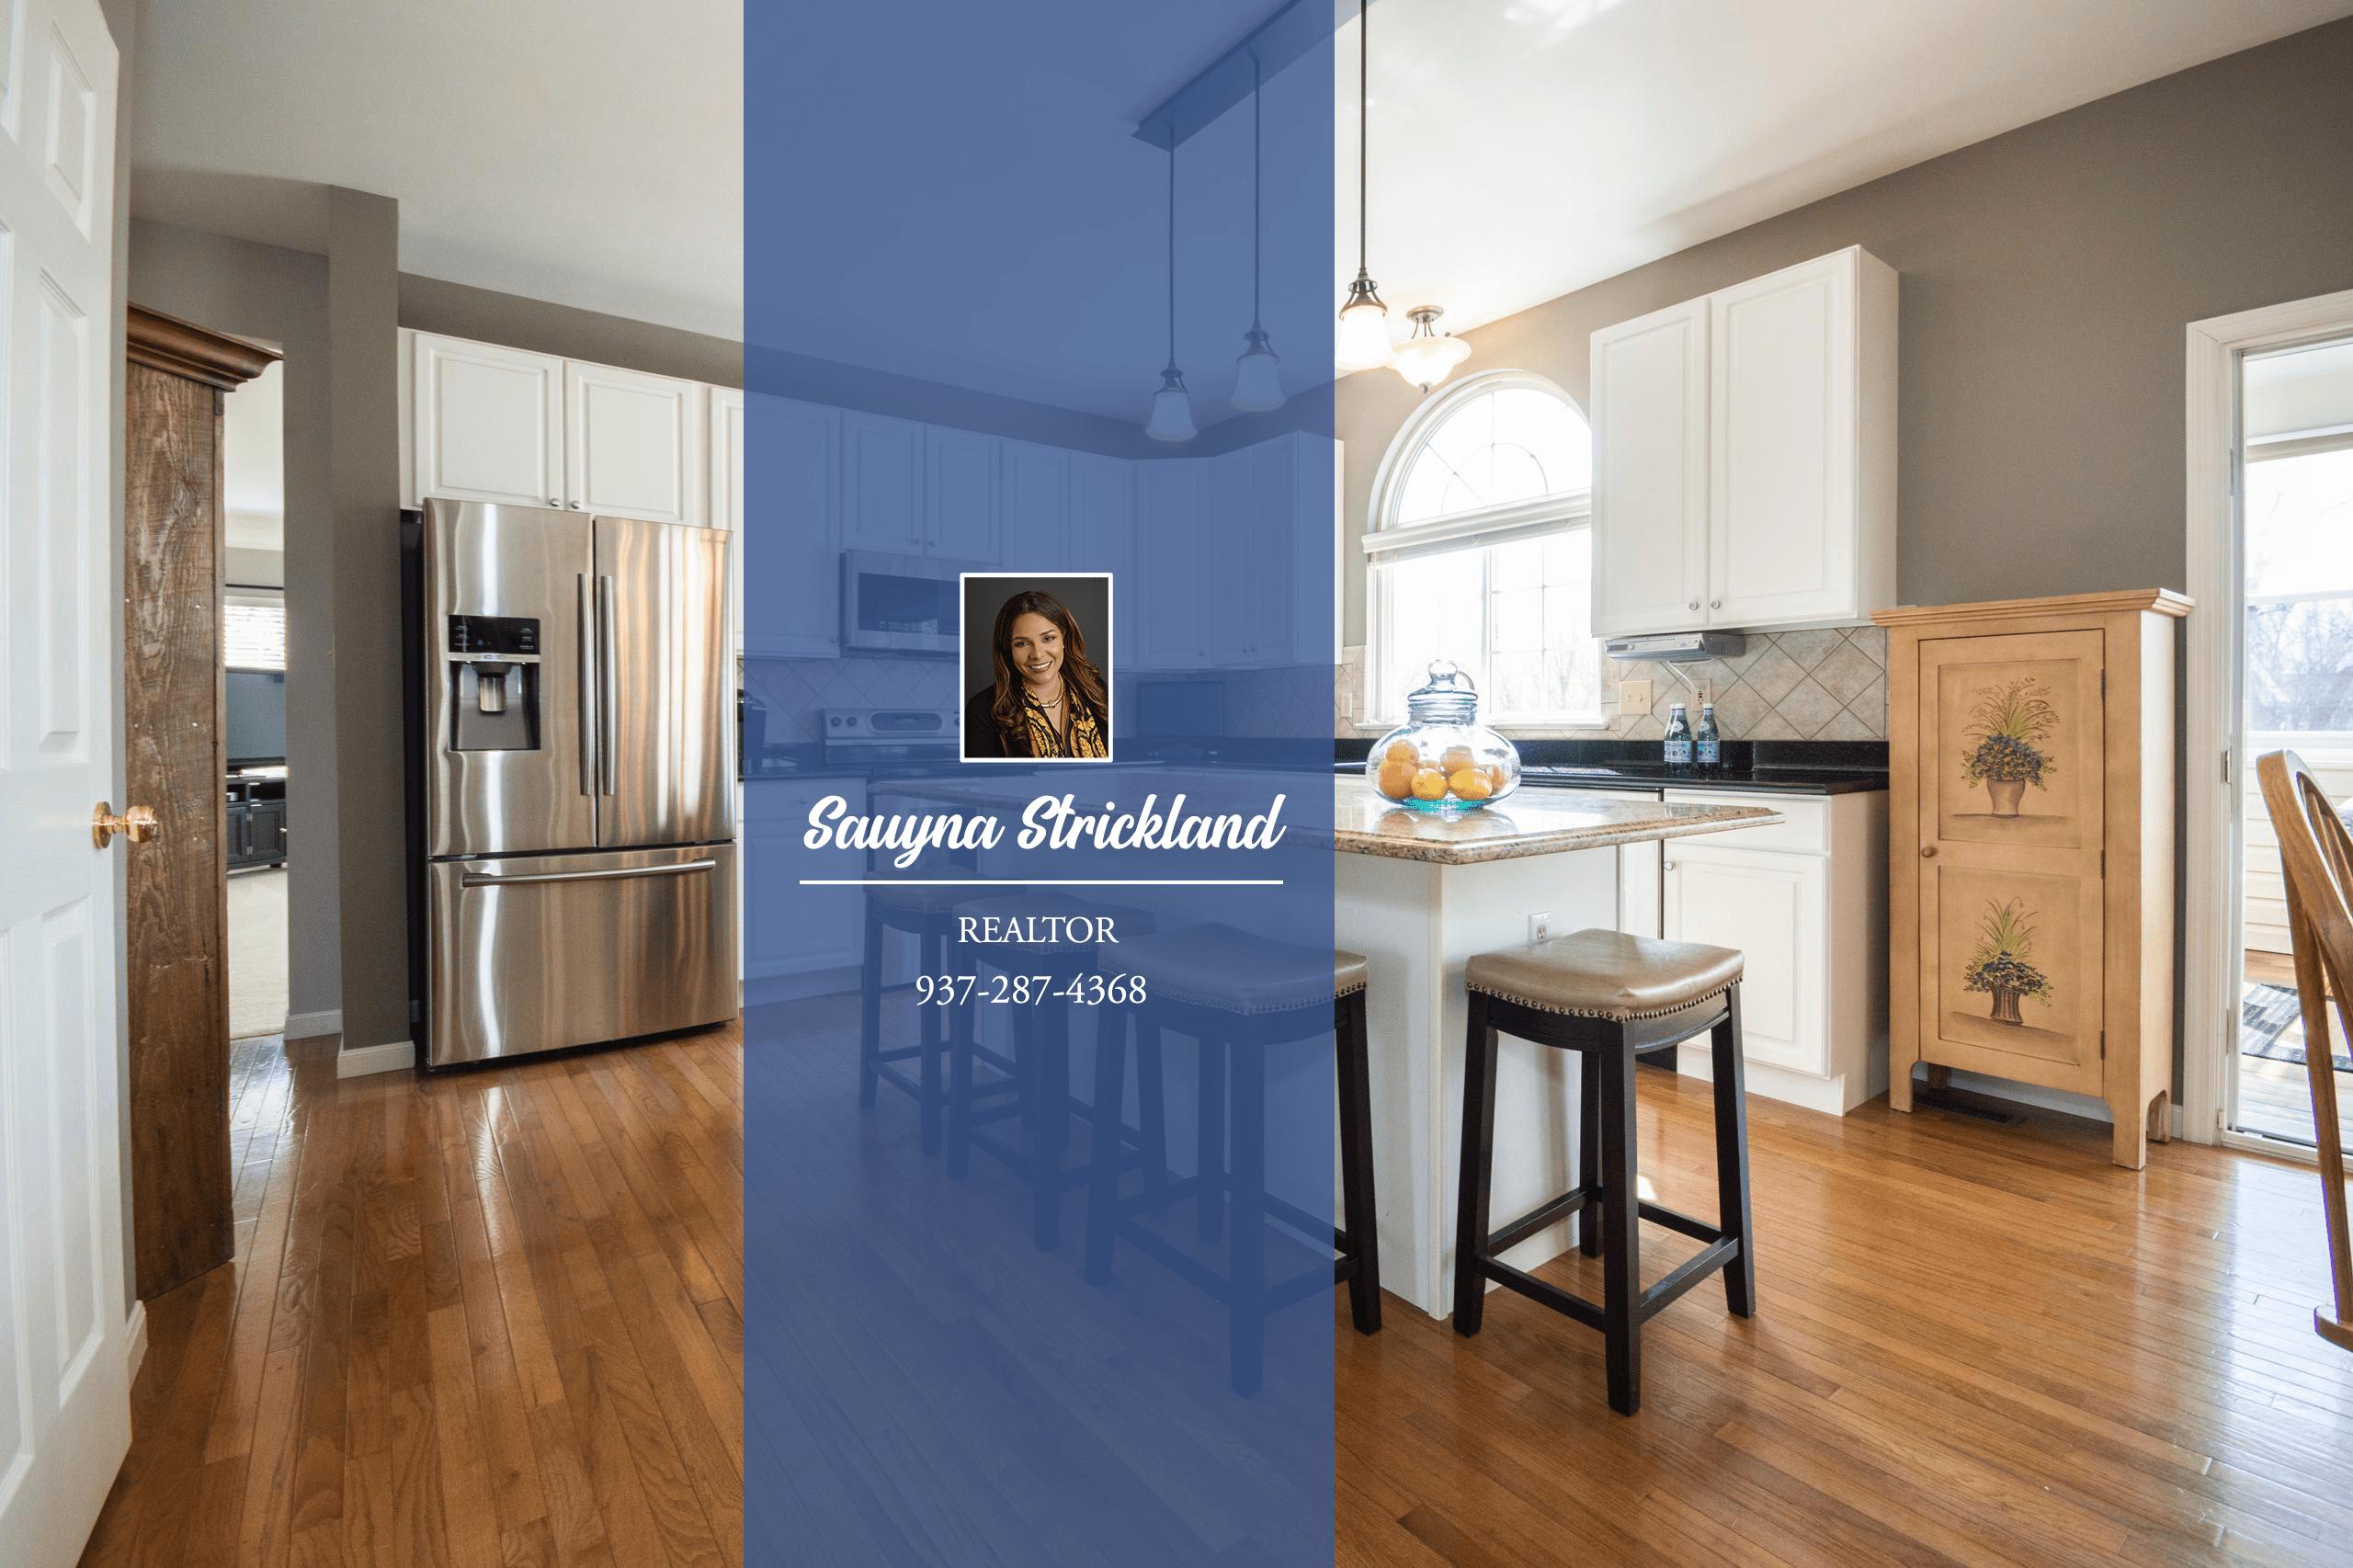 Springboro Real Estate Lifestyle Photo 01